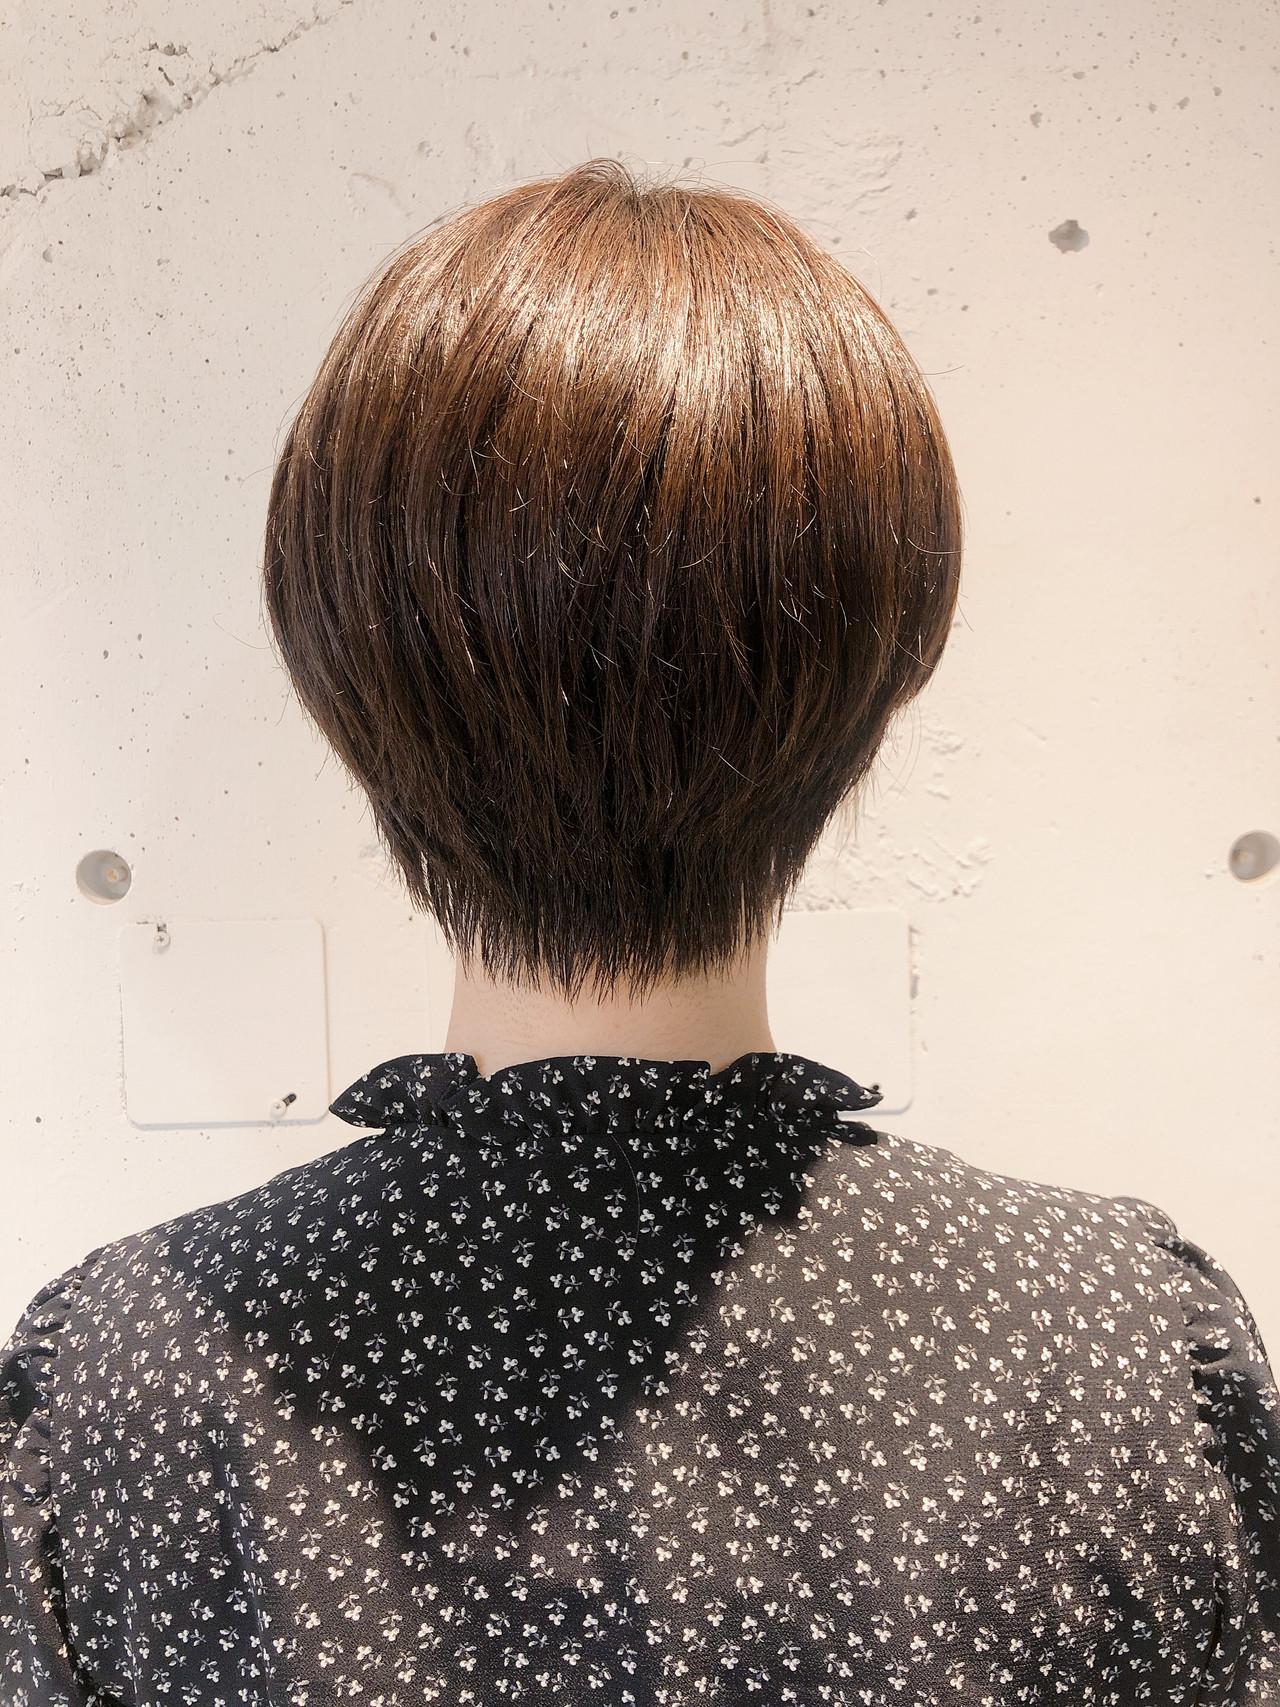 ストレート ショートボブ ショートヘア ショート ヘアスタイルや髪型の写真・画像 | 本田結(ほんだゆい)dydi表参道 / dydi表参道